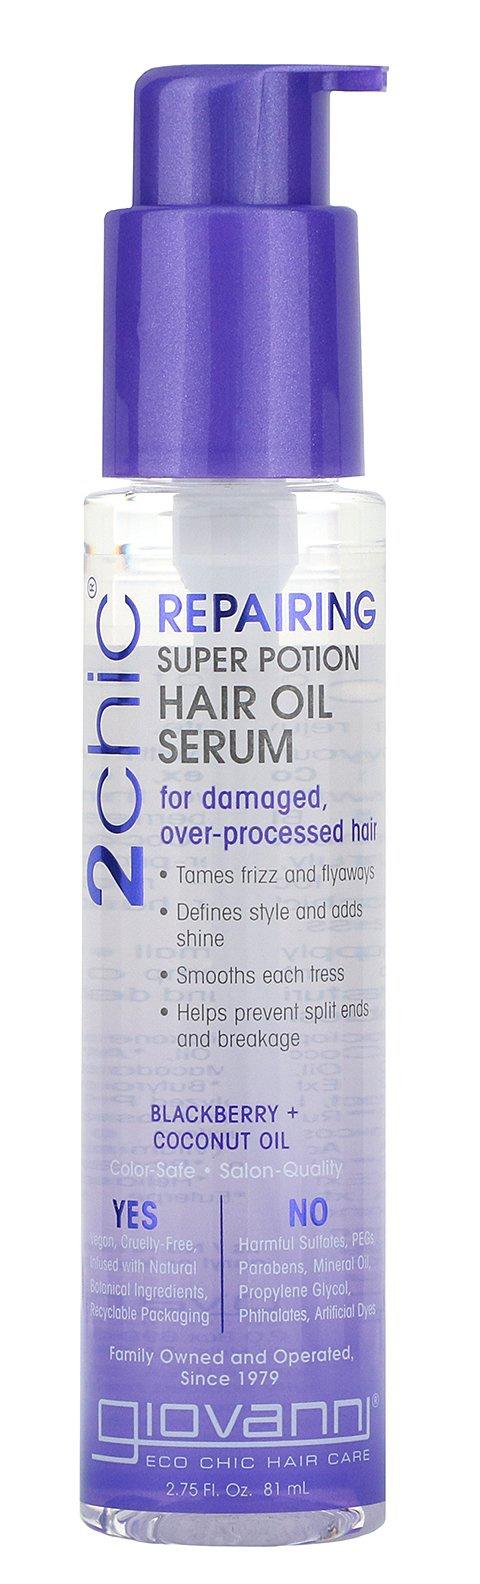 Giovanni 2Chic Repairing Super Potion Hair Oil Serum